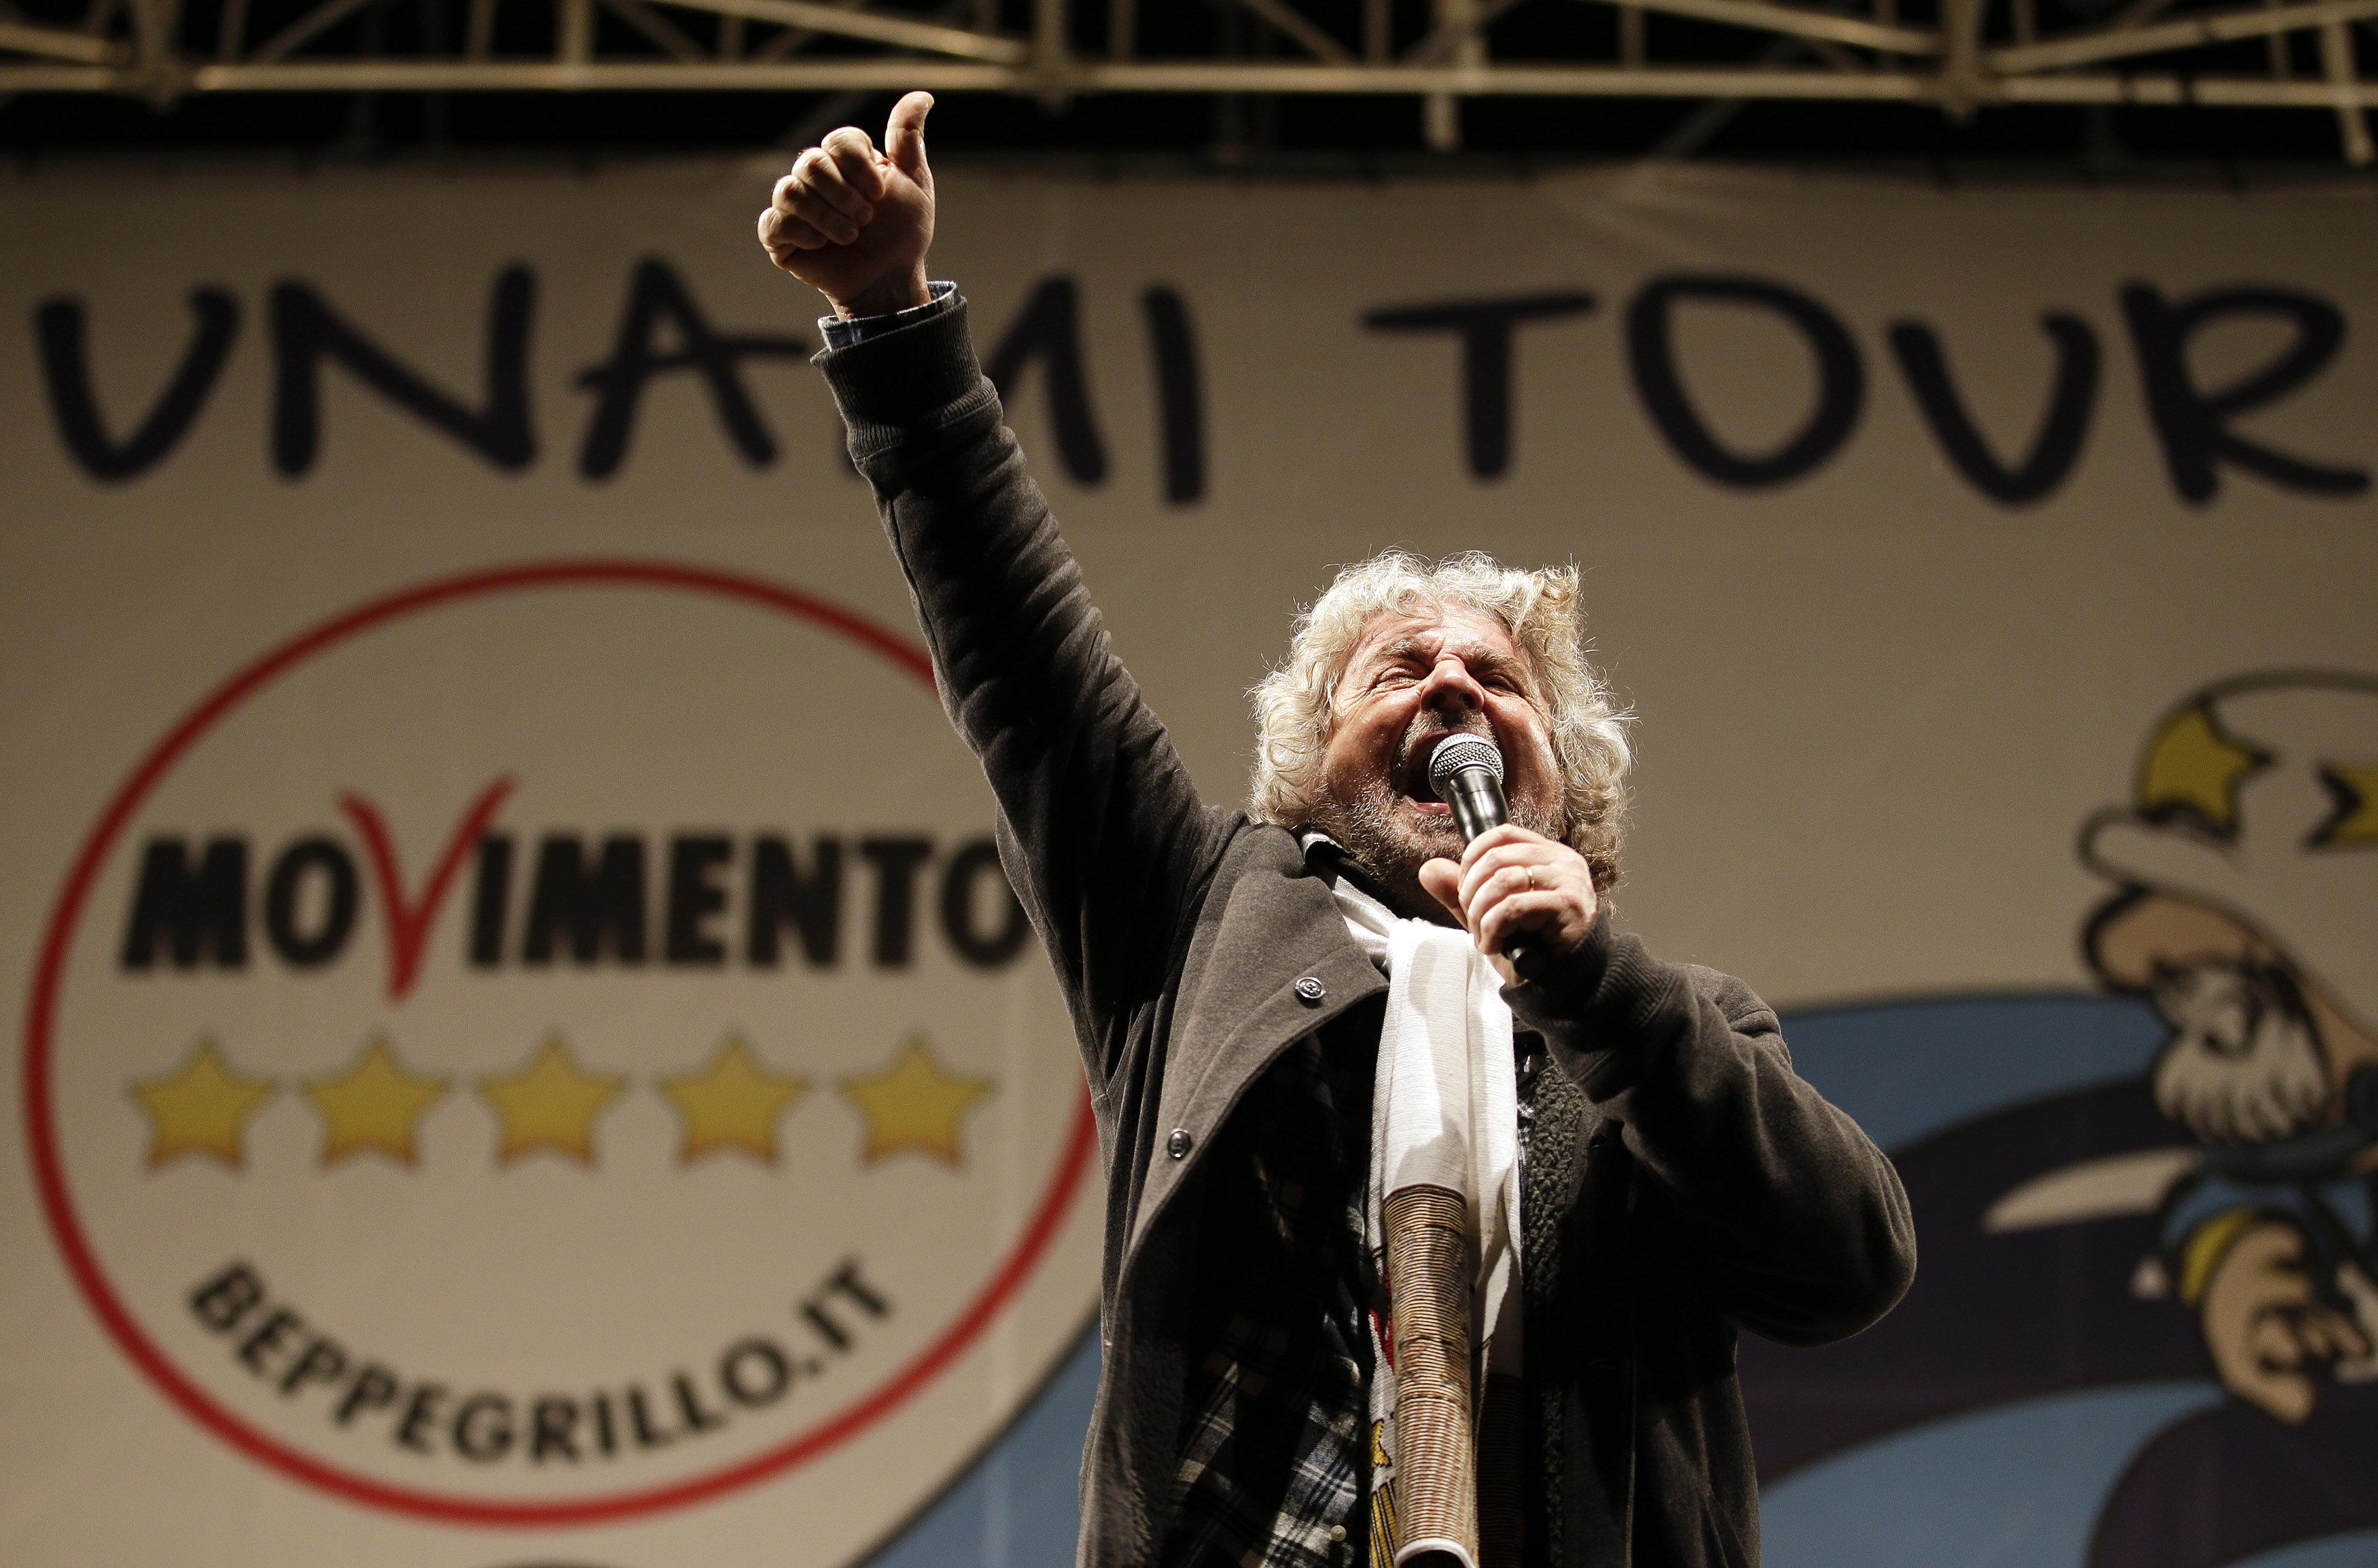 Populismus al dente: Warum die Fünf-Sterne-Bewegung das Zeug hat, Italien ins Chaos zu stürzen